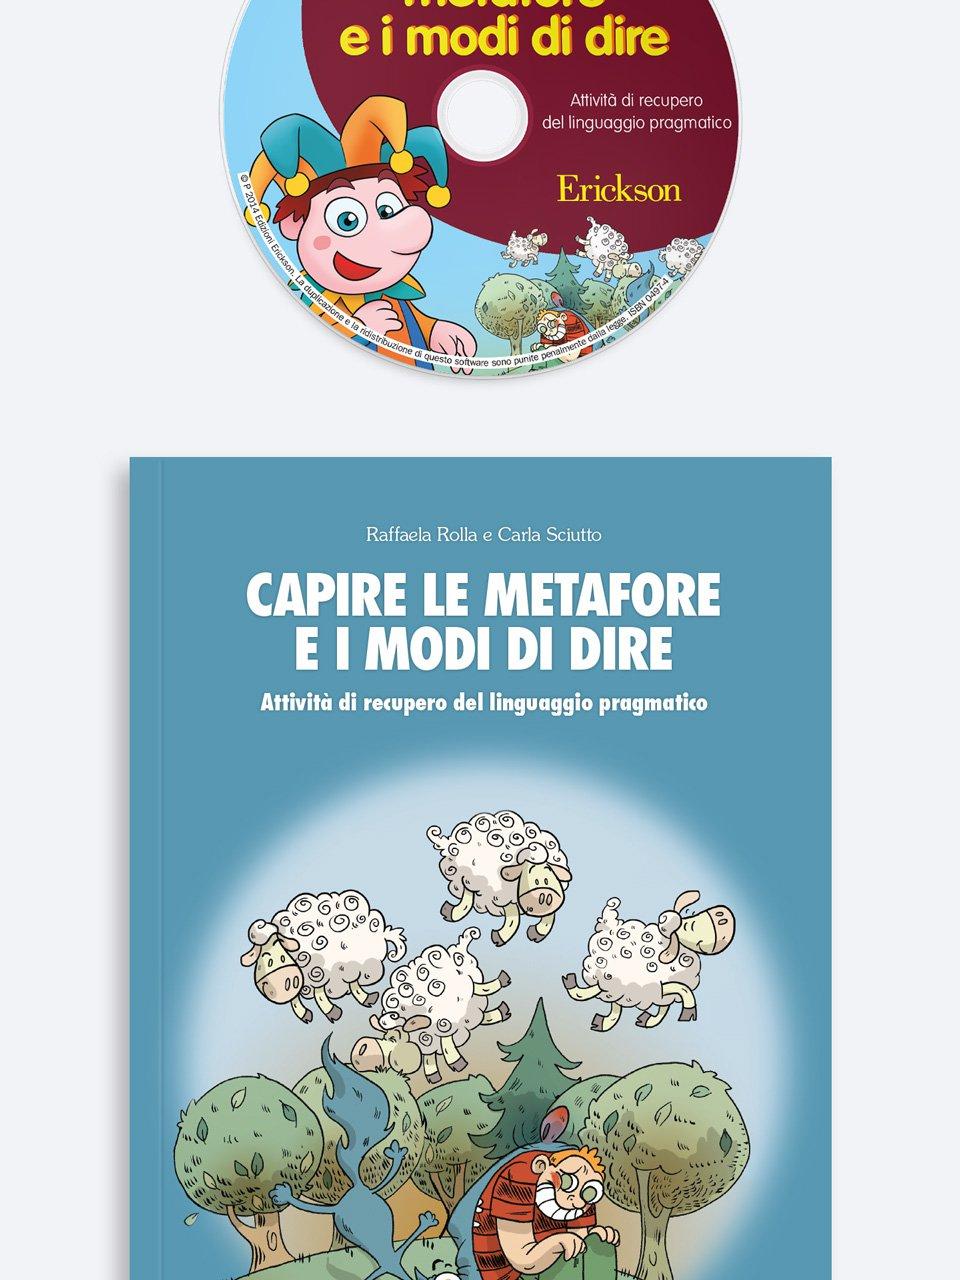 Capire le metafore e i modi di dire - App e software per Scuola, Autismo, Dislessia e DSA - Erickson 2